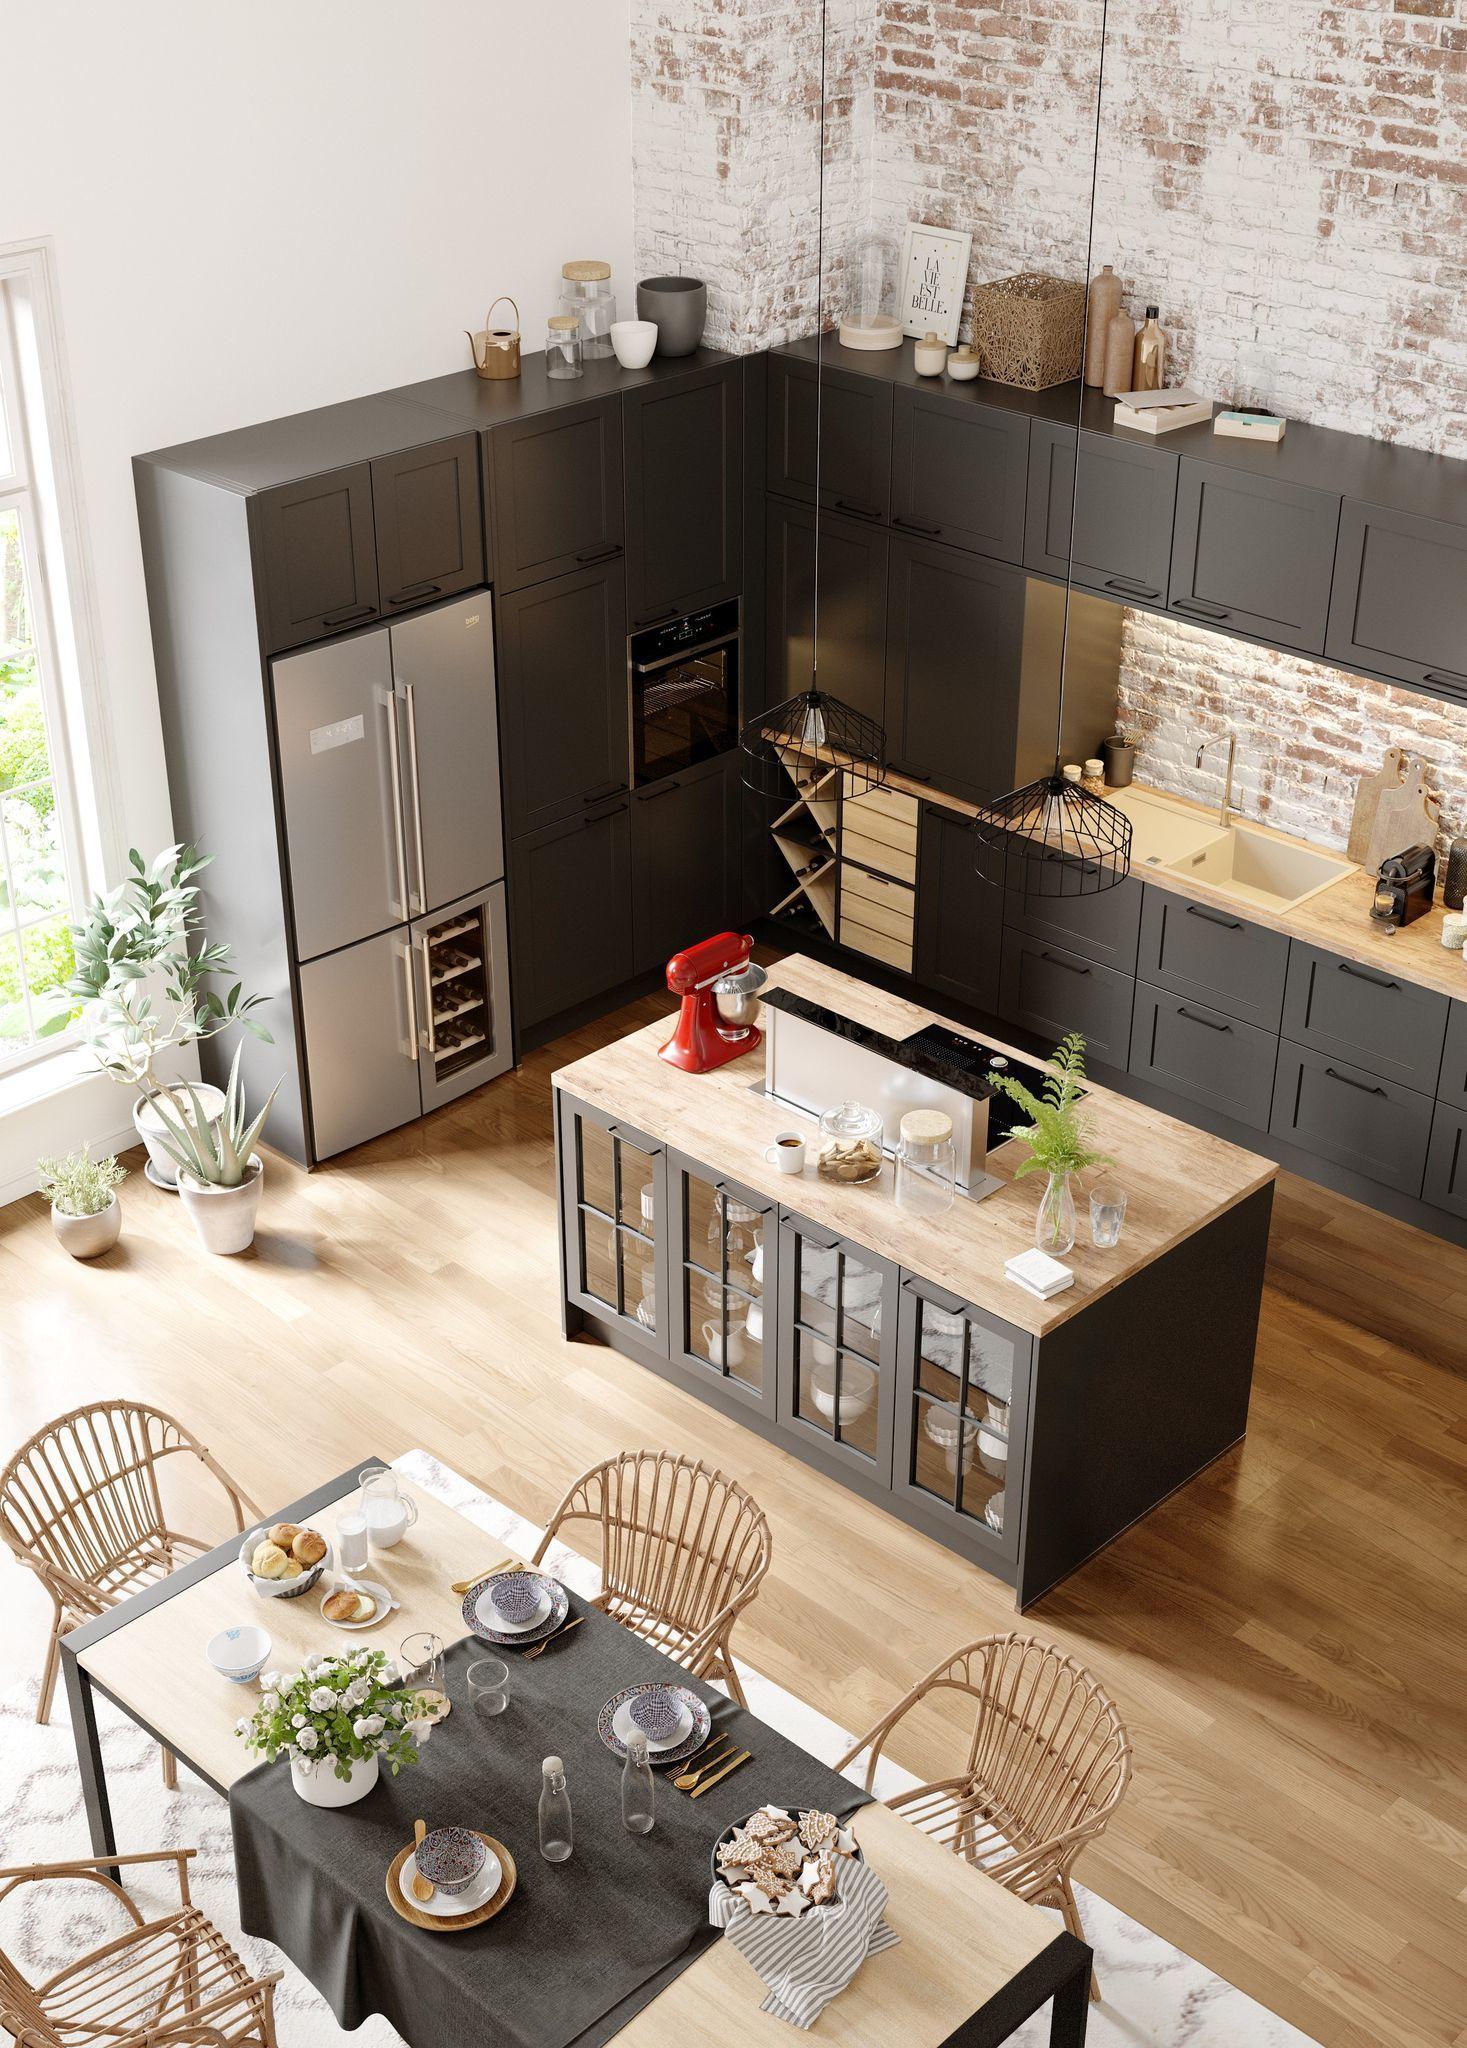 Cuisine ouverte sur salon ou salle à manger : 18 exemples à copier